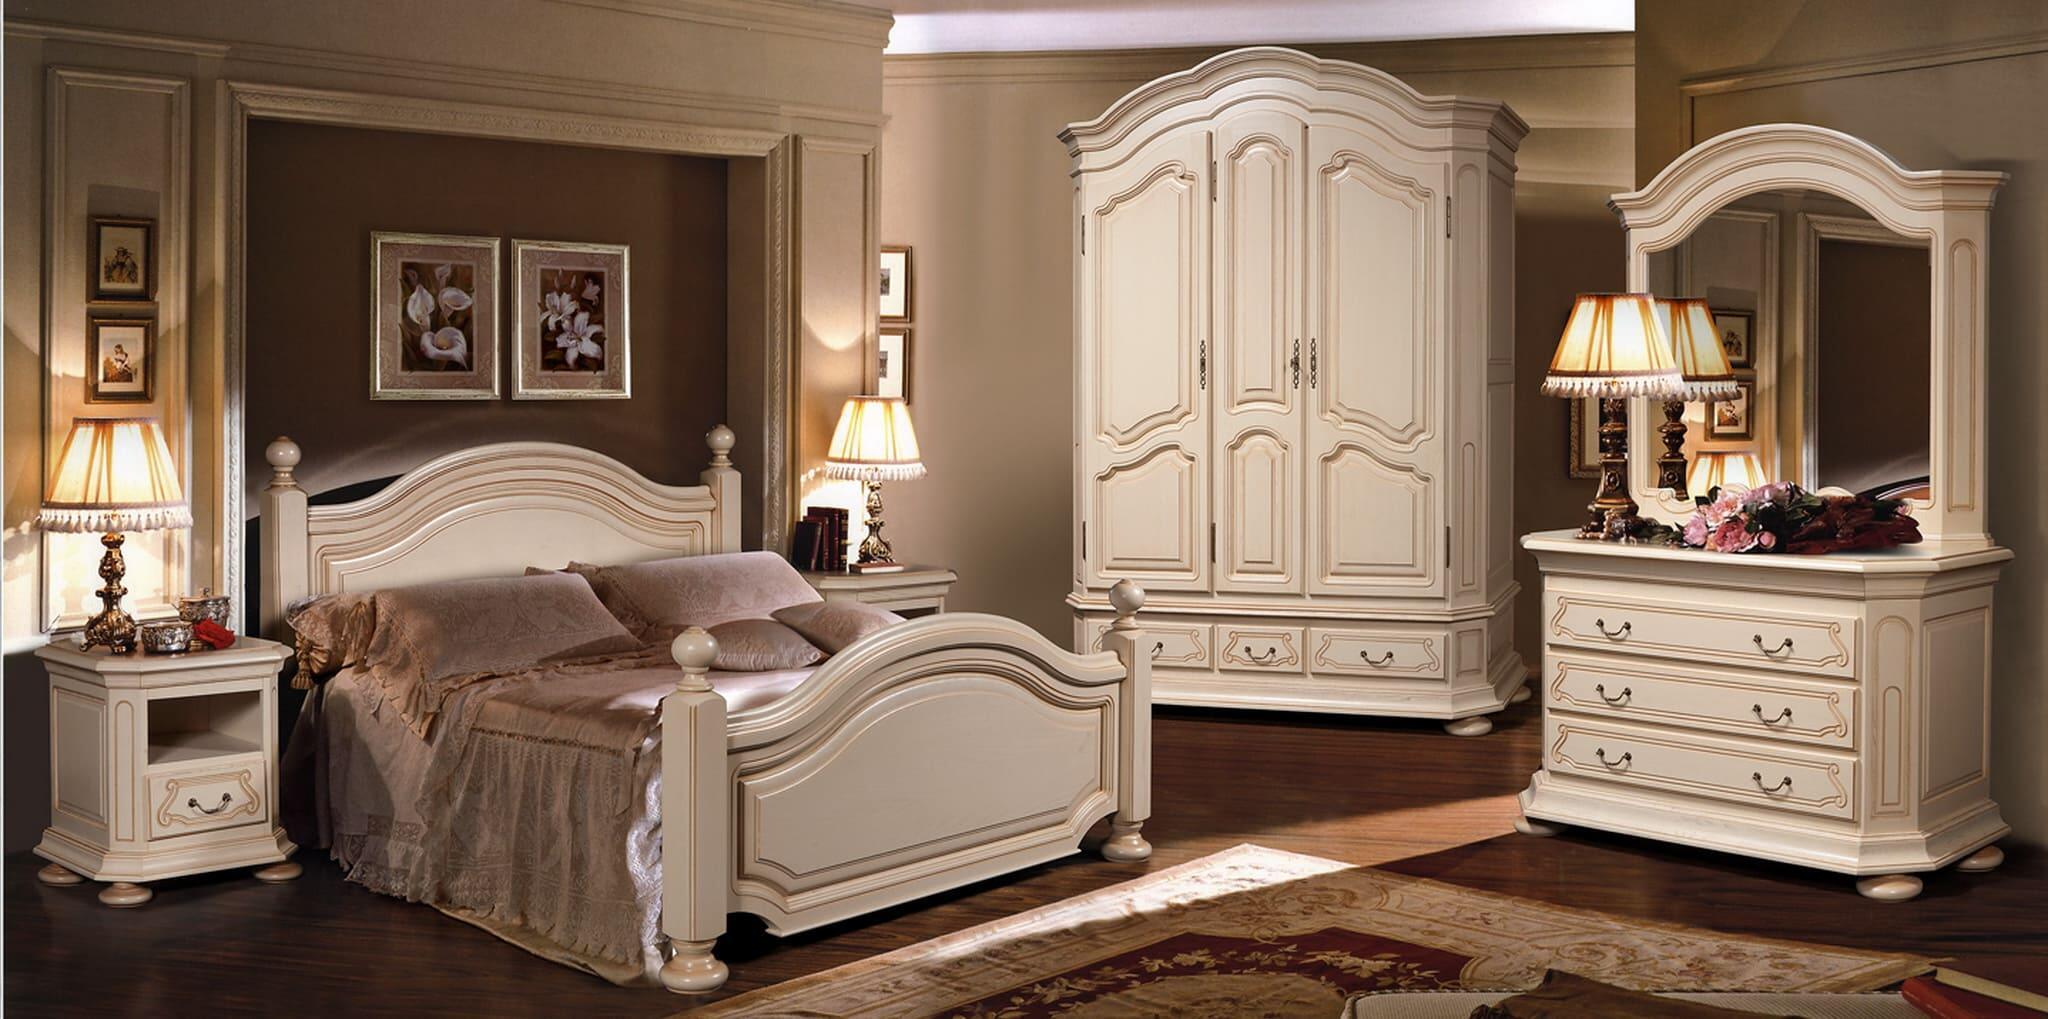 Набор мебели для спальни «Босфор-Премиум 2»  ГМ 6200-42